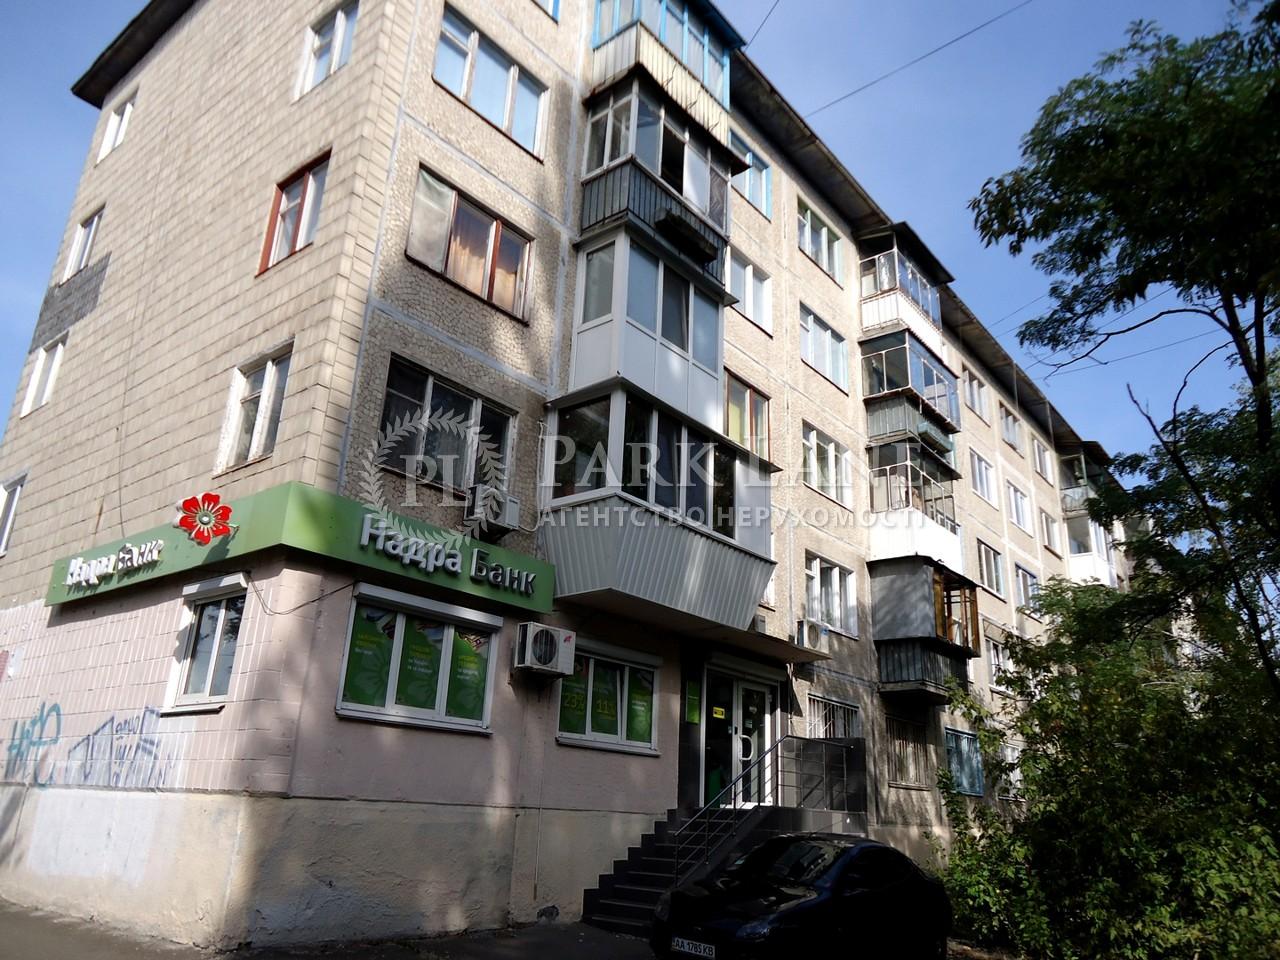 Квартира ул. Братиславская, 8, Киев, L-28613 - Фото 1